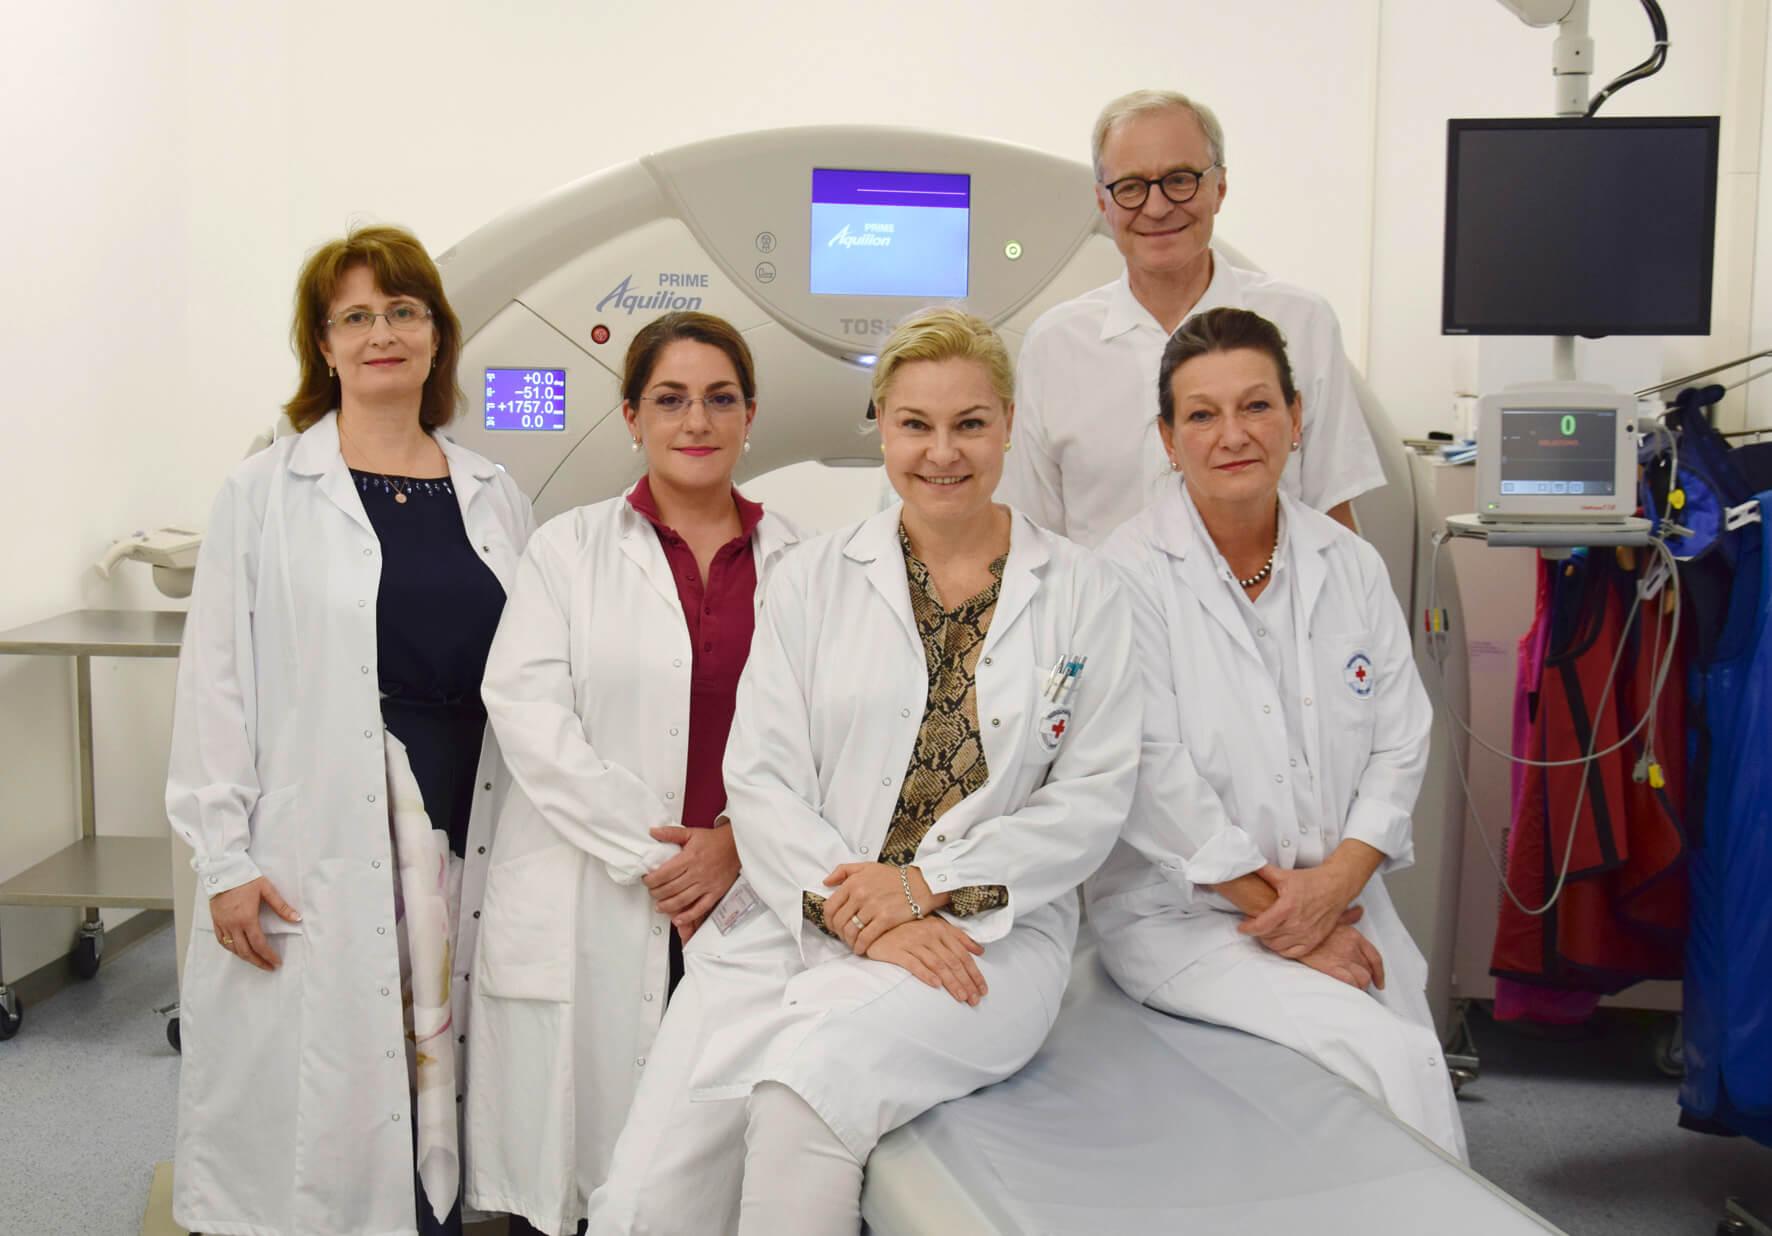 Team der bildgebenden Diagnostik